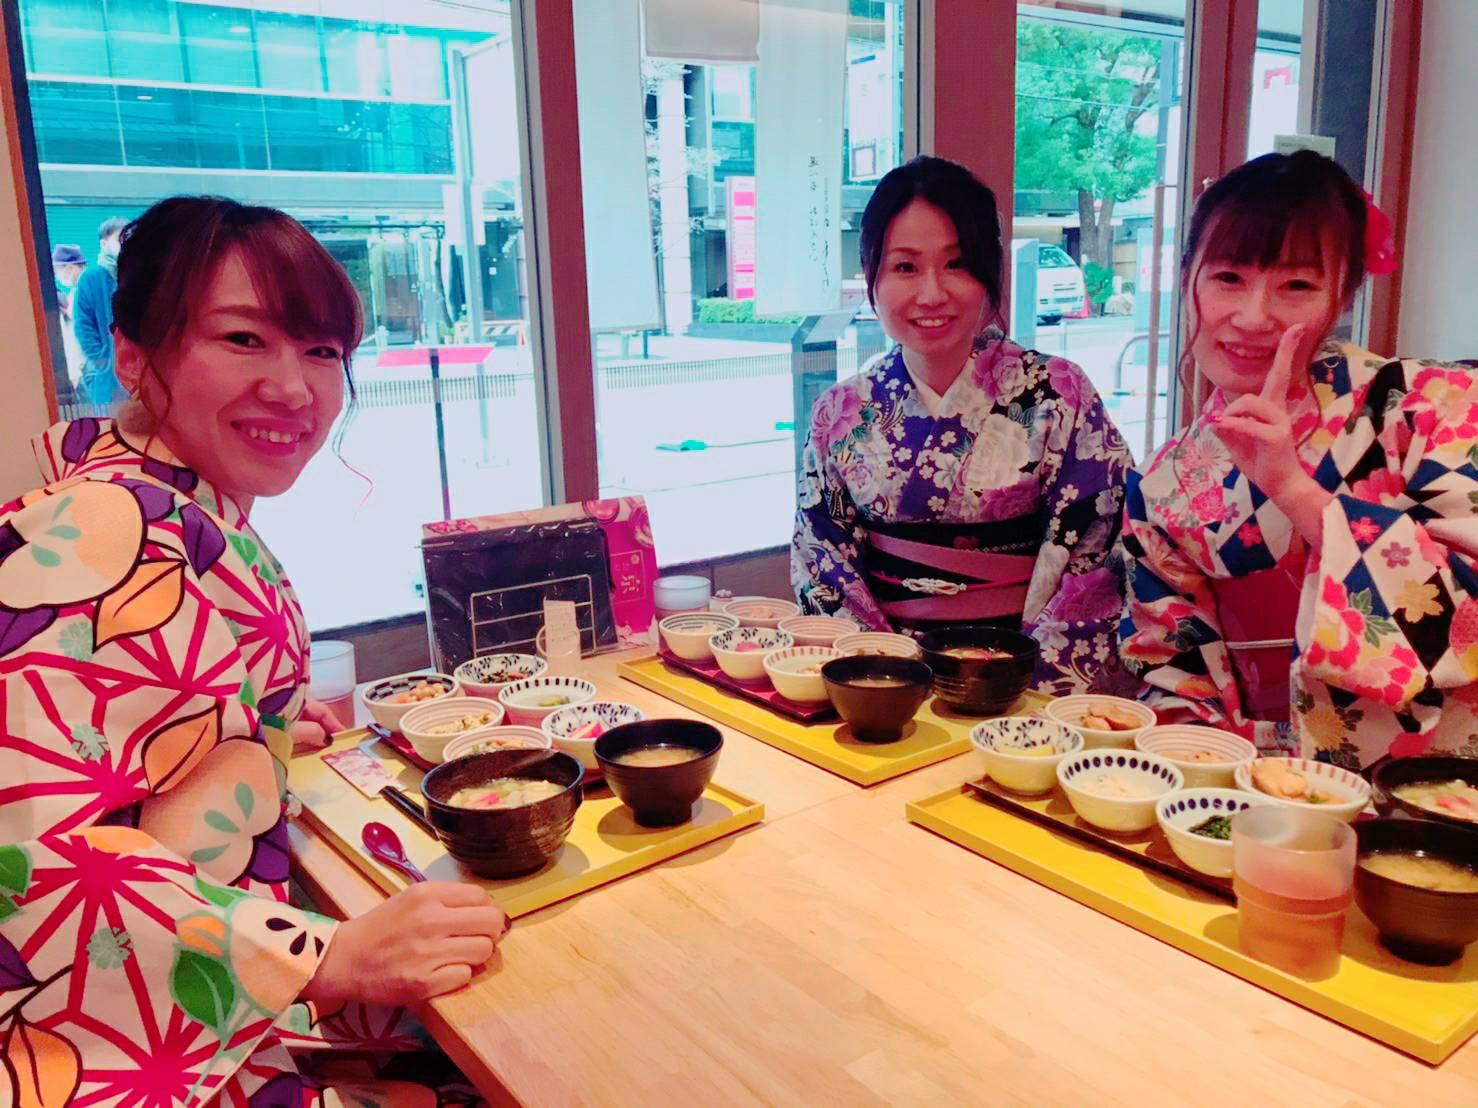 リピーター様❣人気店の「京菜味 のむら」へ2019年12月7日2